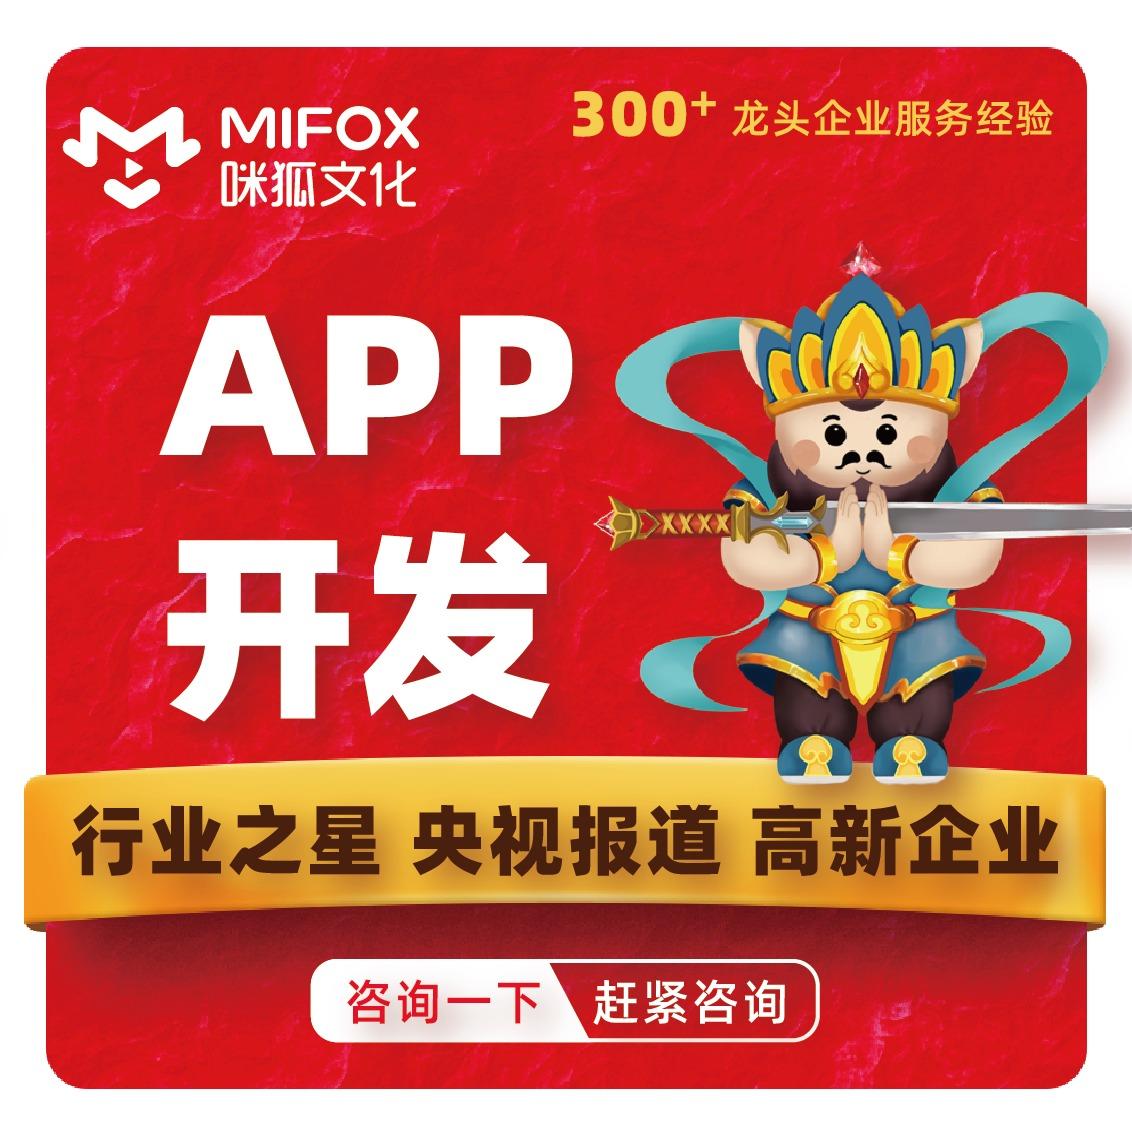 原生iOS安卓app定制二次开发成品/电商/网约车外卖APP